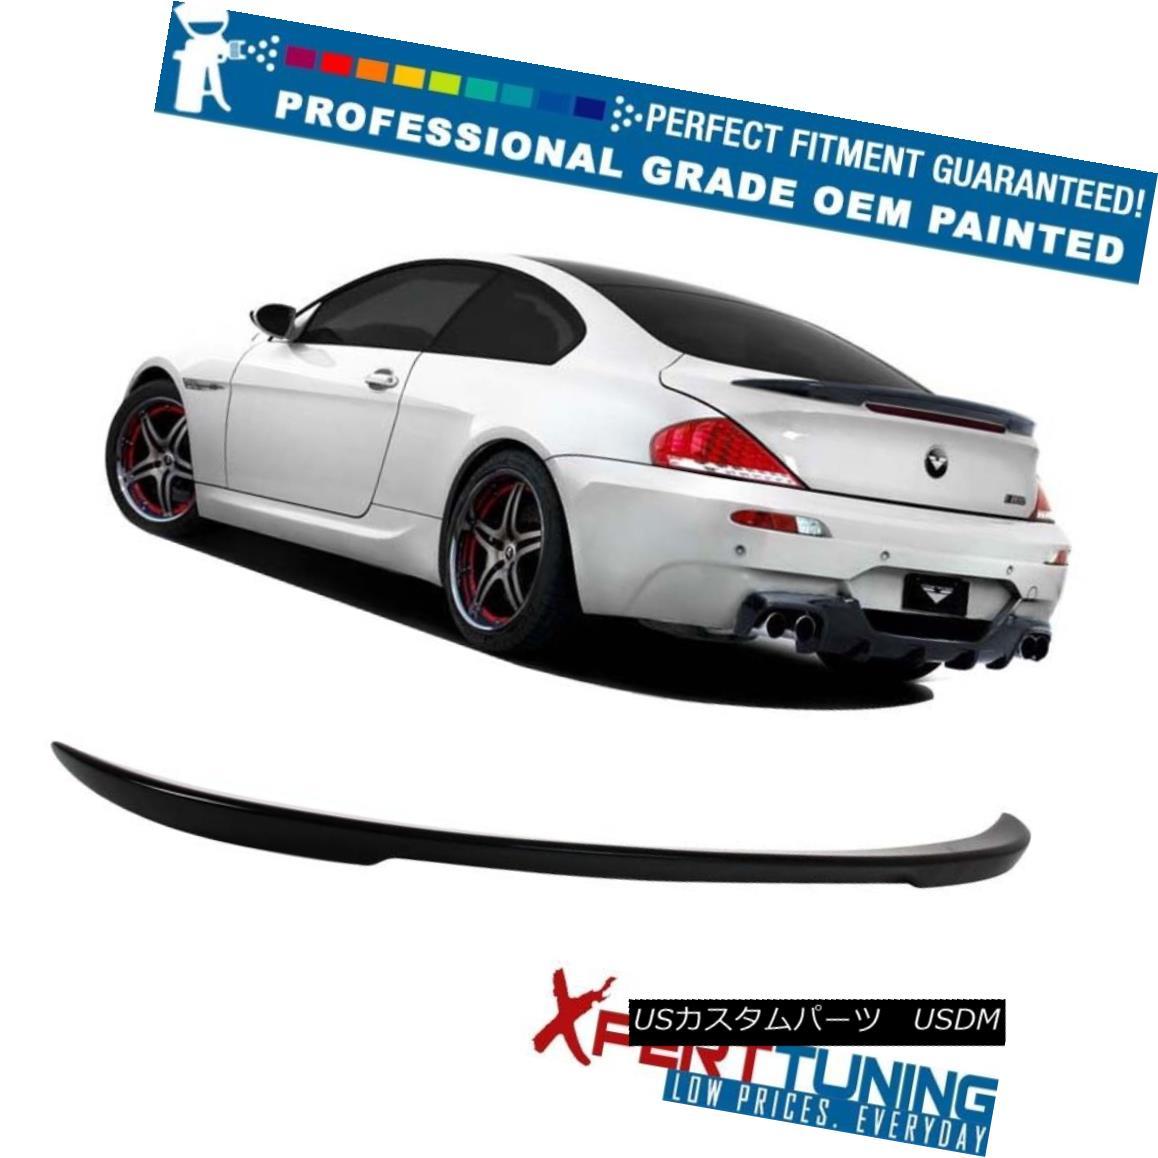 エアロパーツ 04-08 E63 BMW 6-Series 2D ABS Trunk Spoiler V Style - OEM Painted Color 04-08 E63 BMW 6シリーズ2D ABSトランク・スポイラーVスタイル - OEM塗装カラー